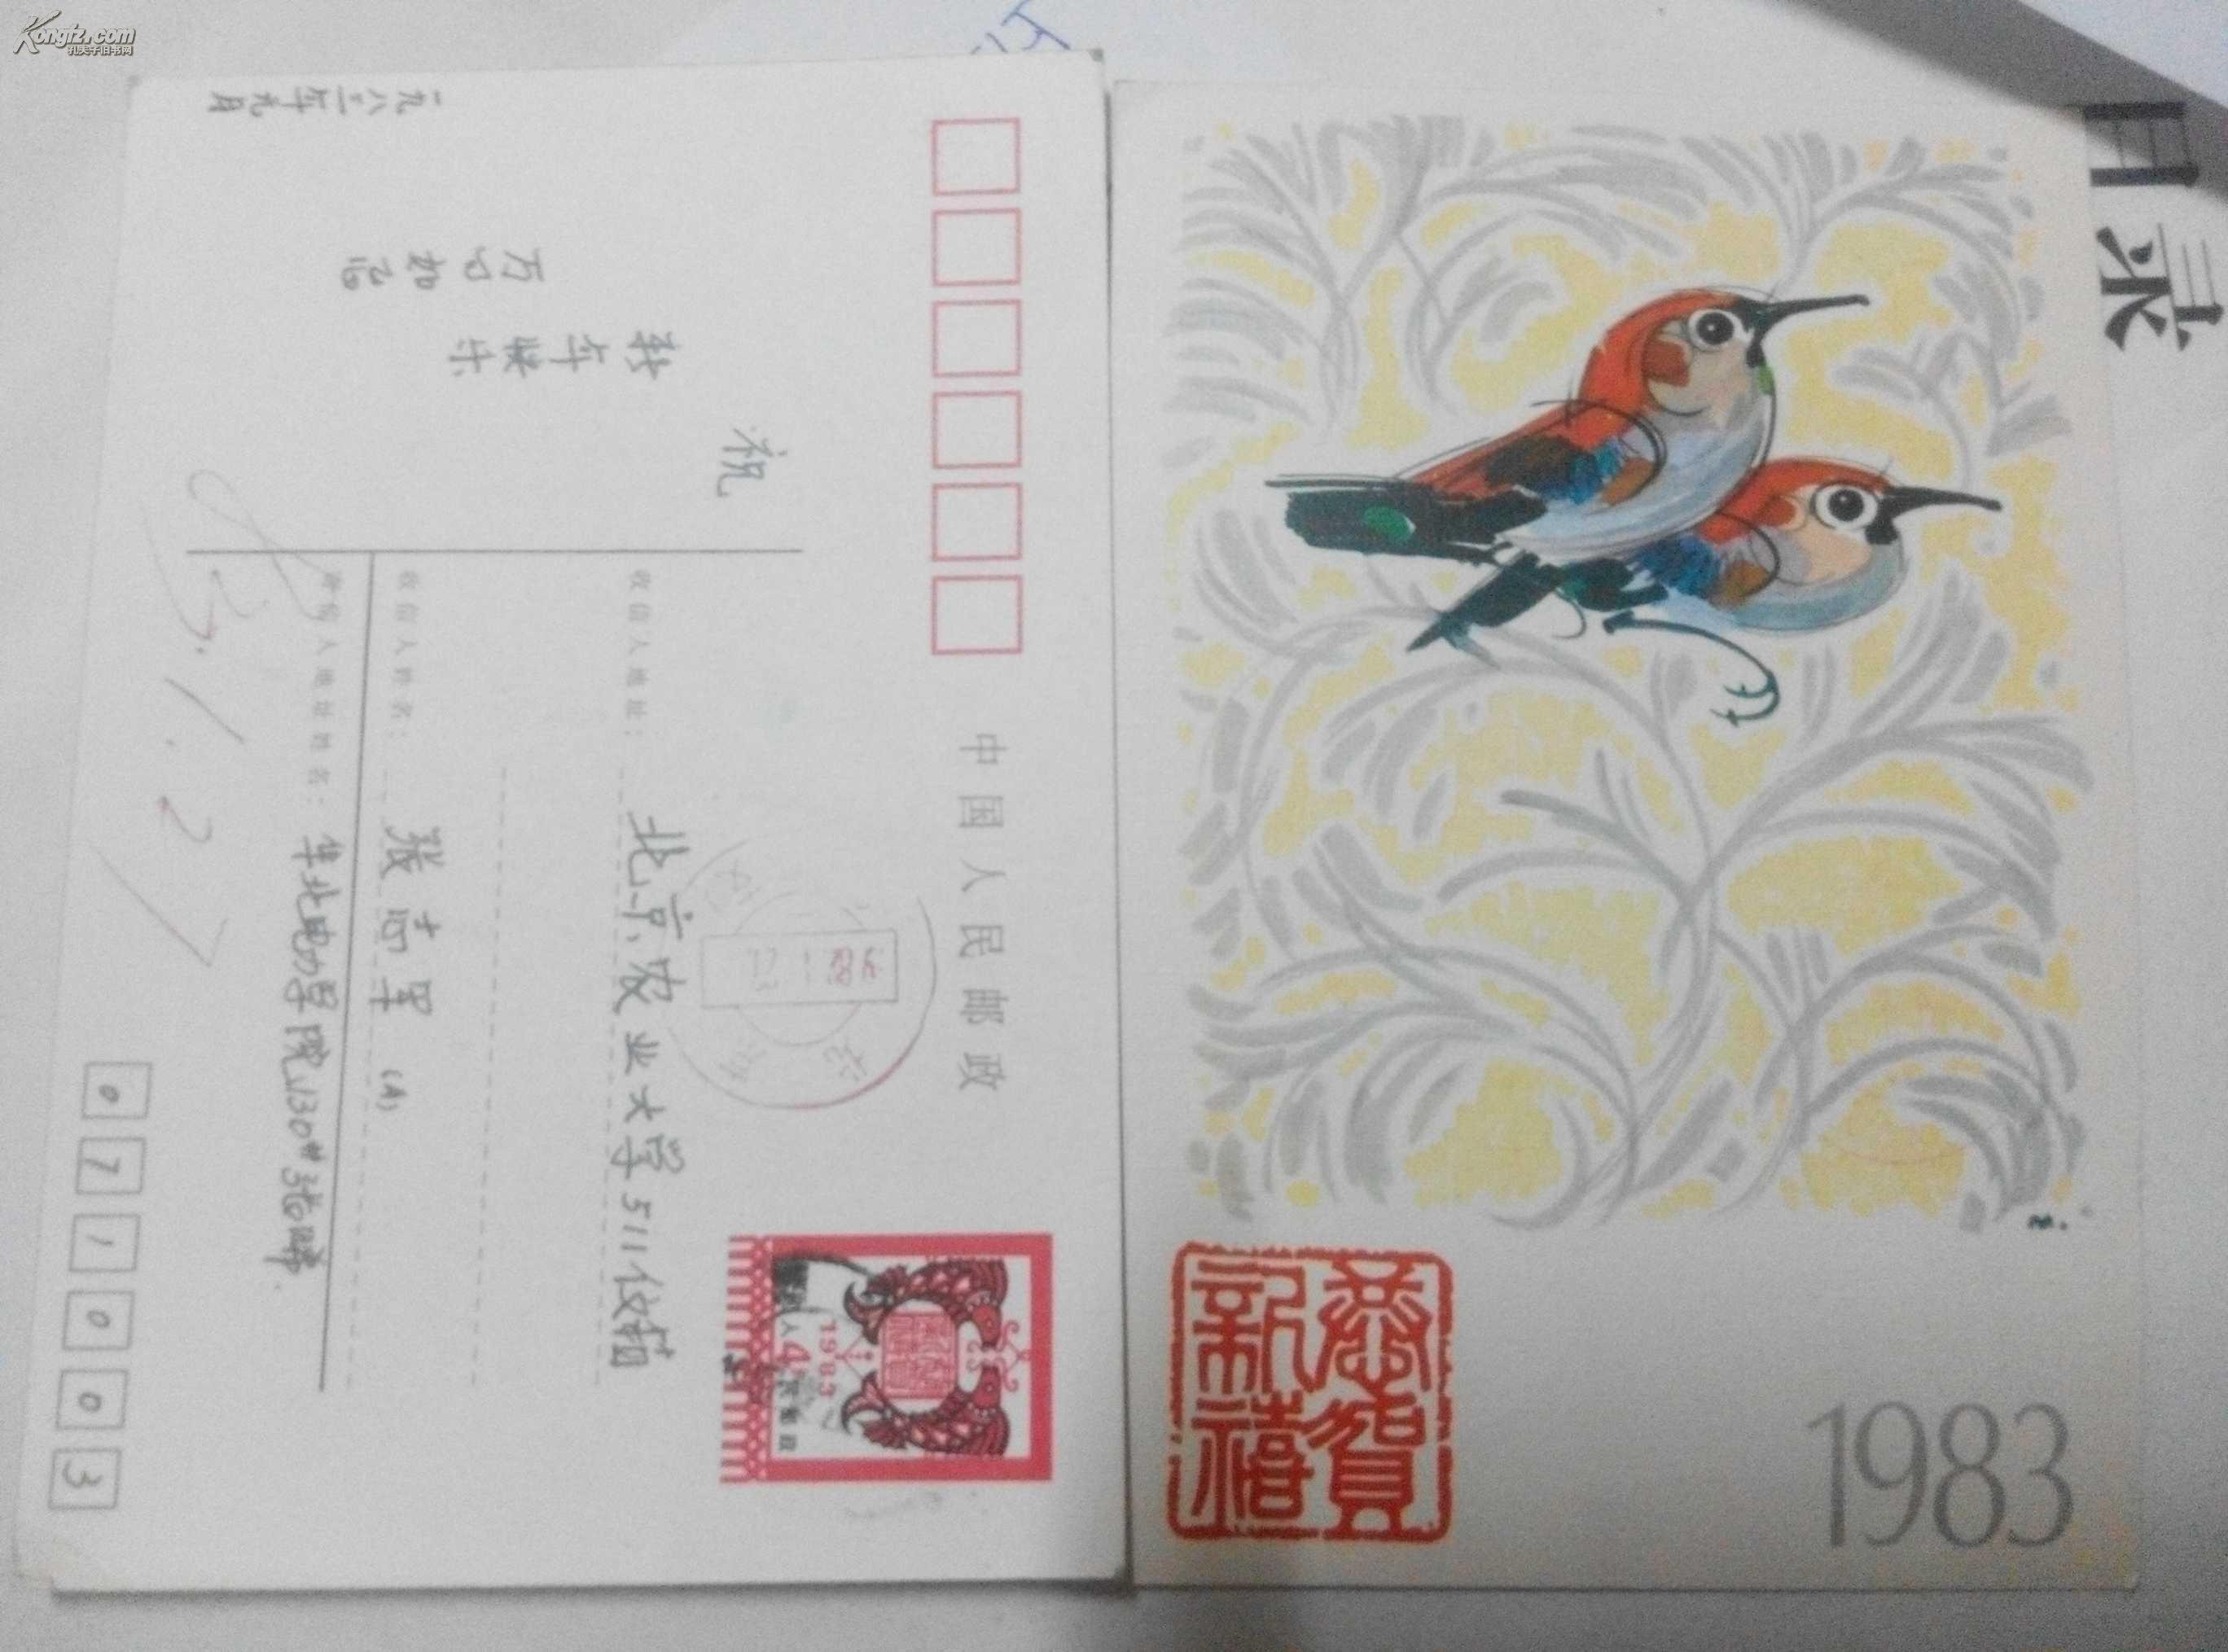 1983年 【猪年】贺年邮资明信片 2枚 已经实寄